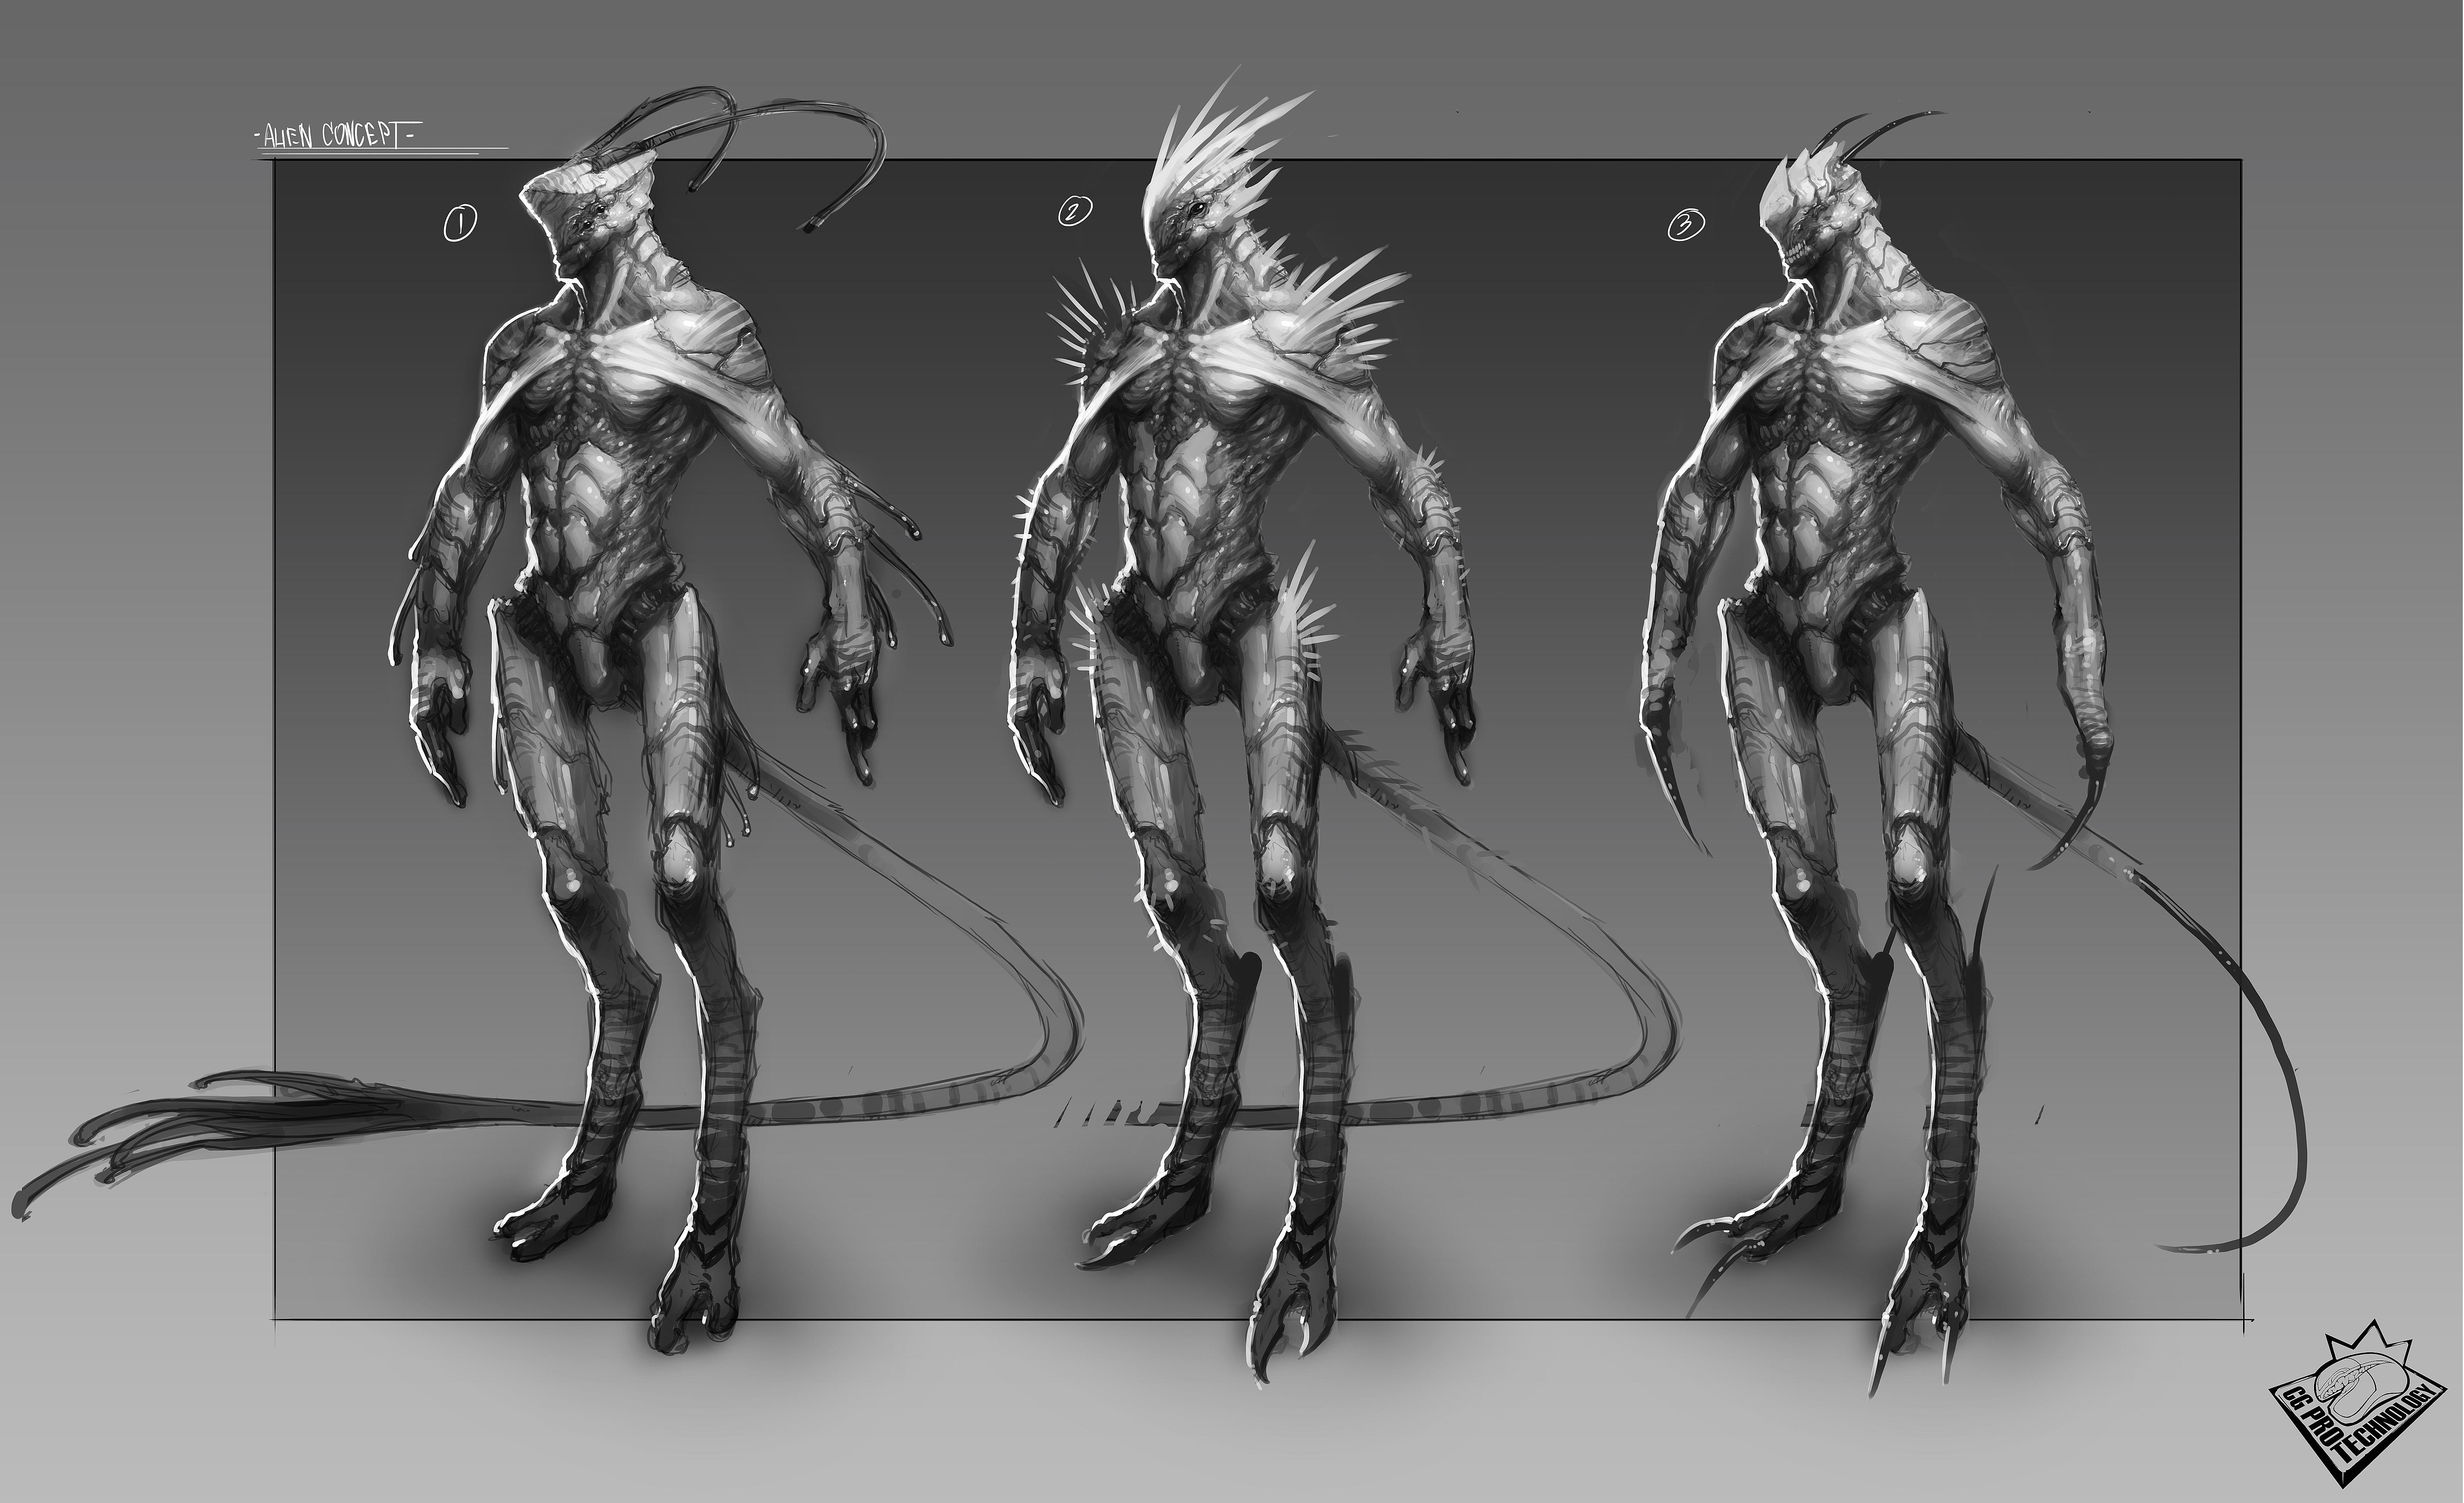 Alien Concept Serra9zit By Cgptteam Watch Digital Art Drawings